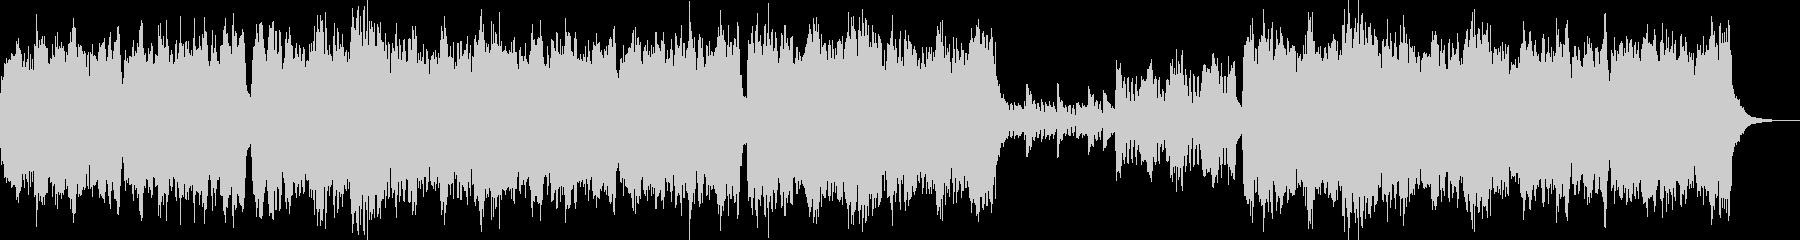 クラシック調の優雅なBGMです。の未再生の波形